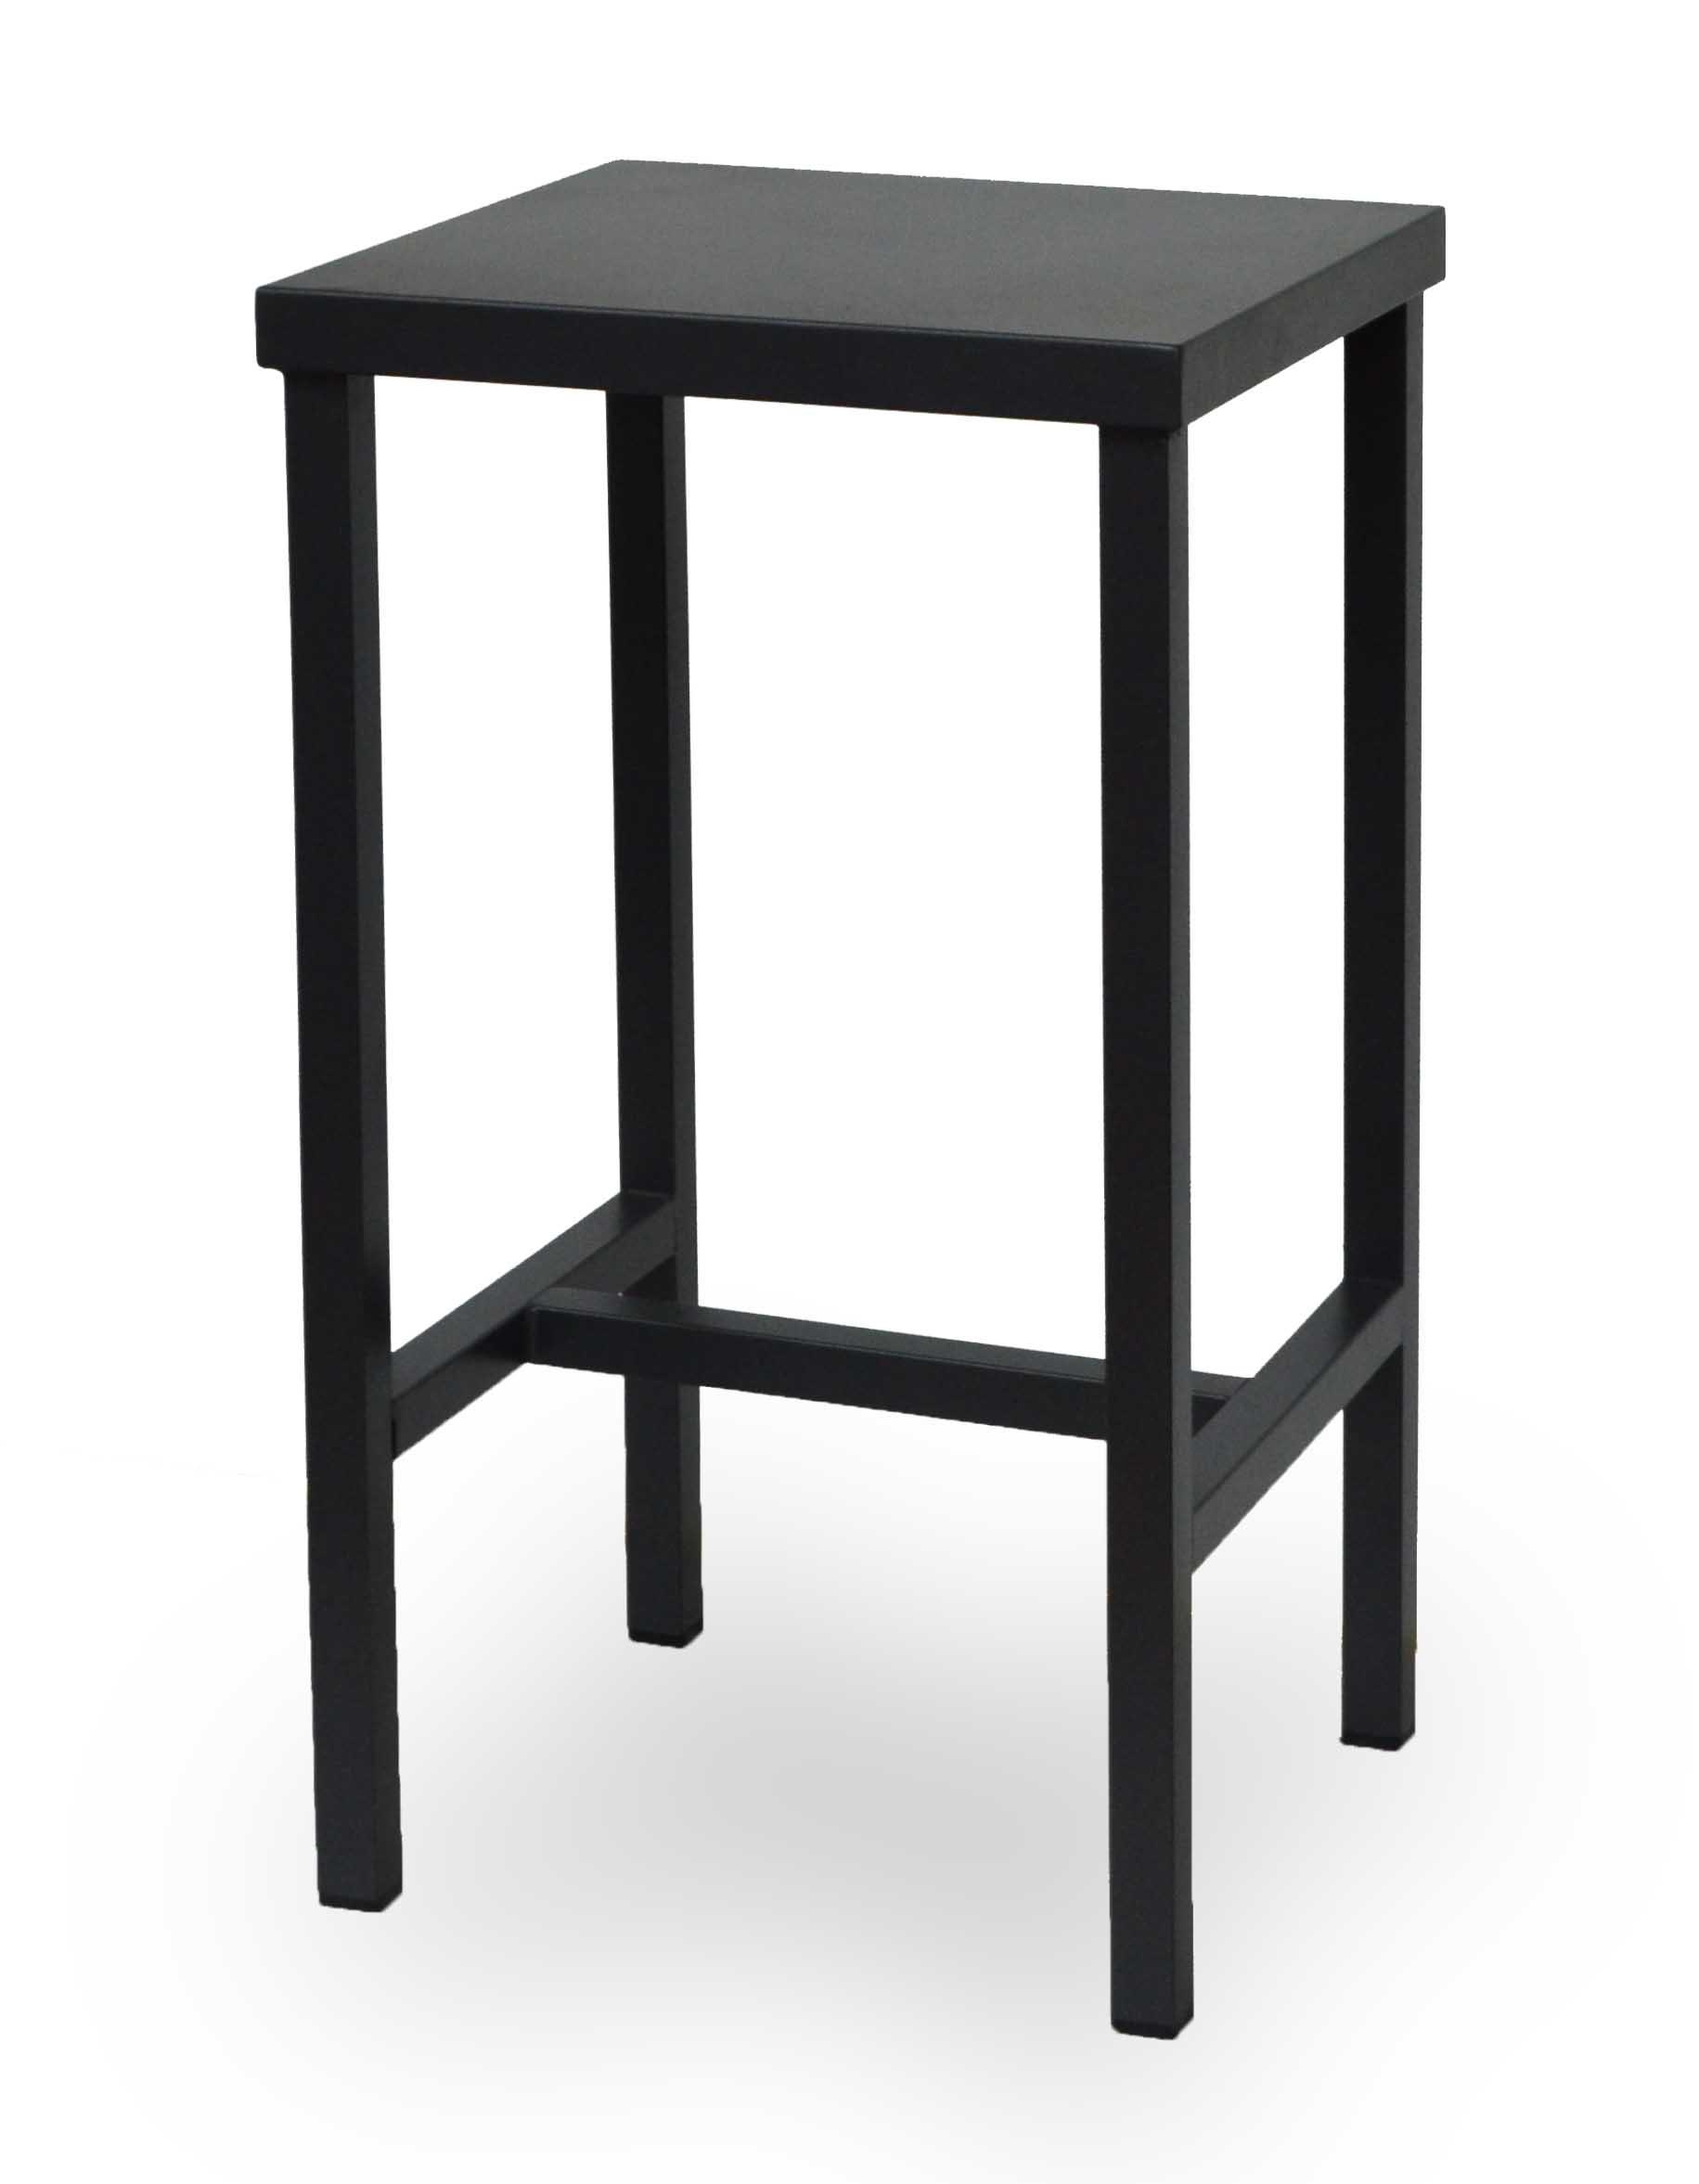 Μεταλλικό τραπέζι ψηλό με ηλεκτροστατική βαφή     Στα χρώματα και διαστάσεις της επιλογής σας